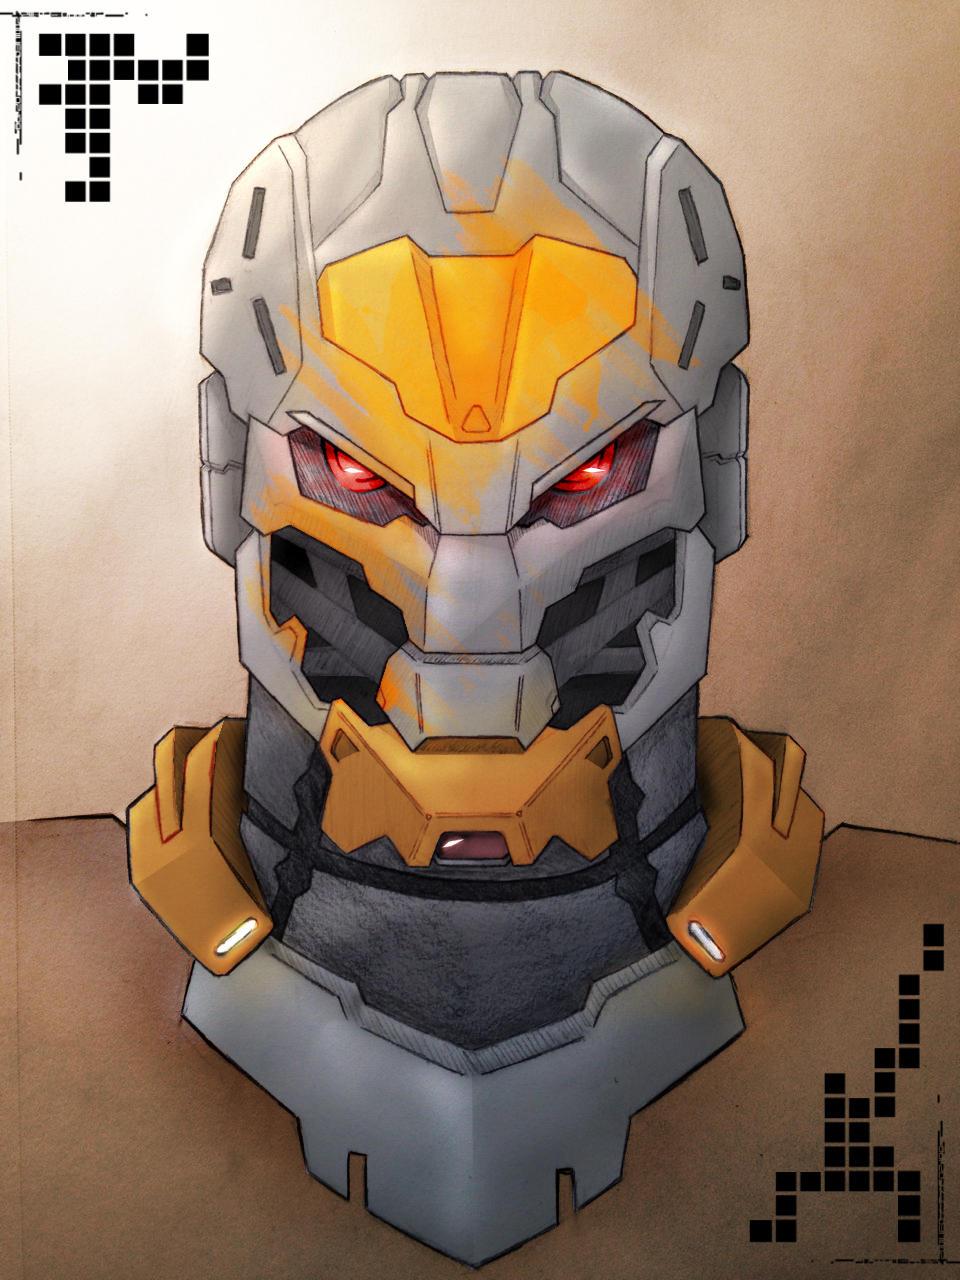 Destiny Titan 2.0 by NEMESIS-01